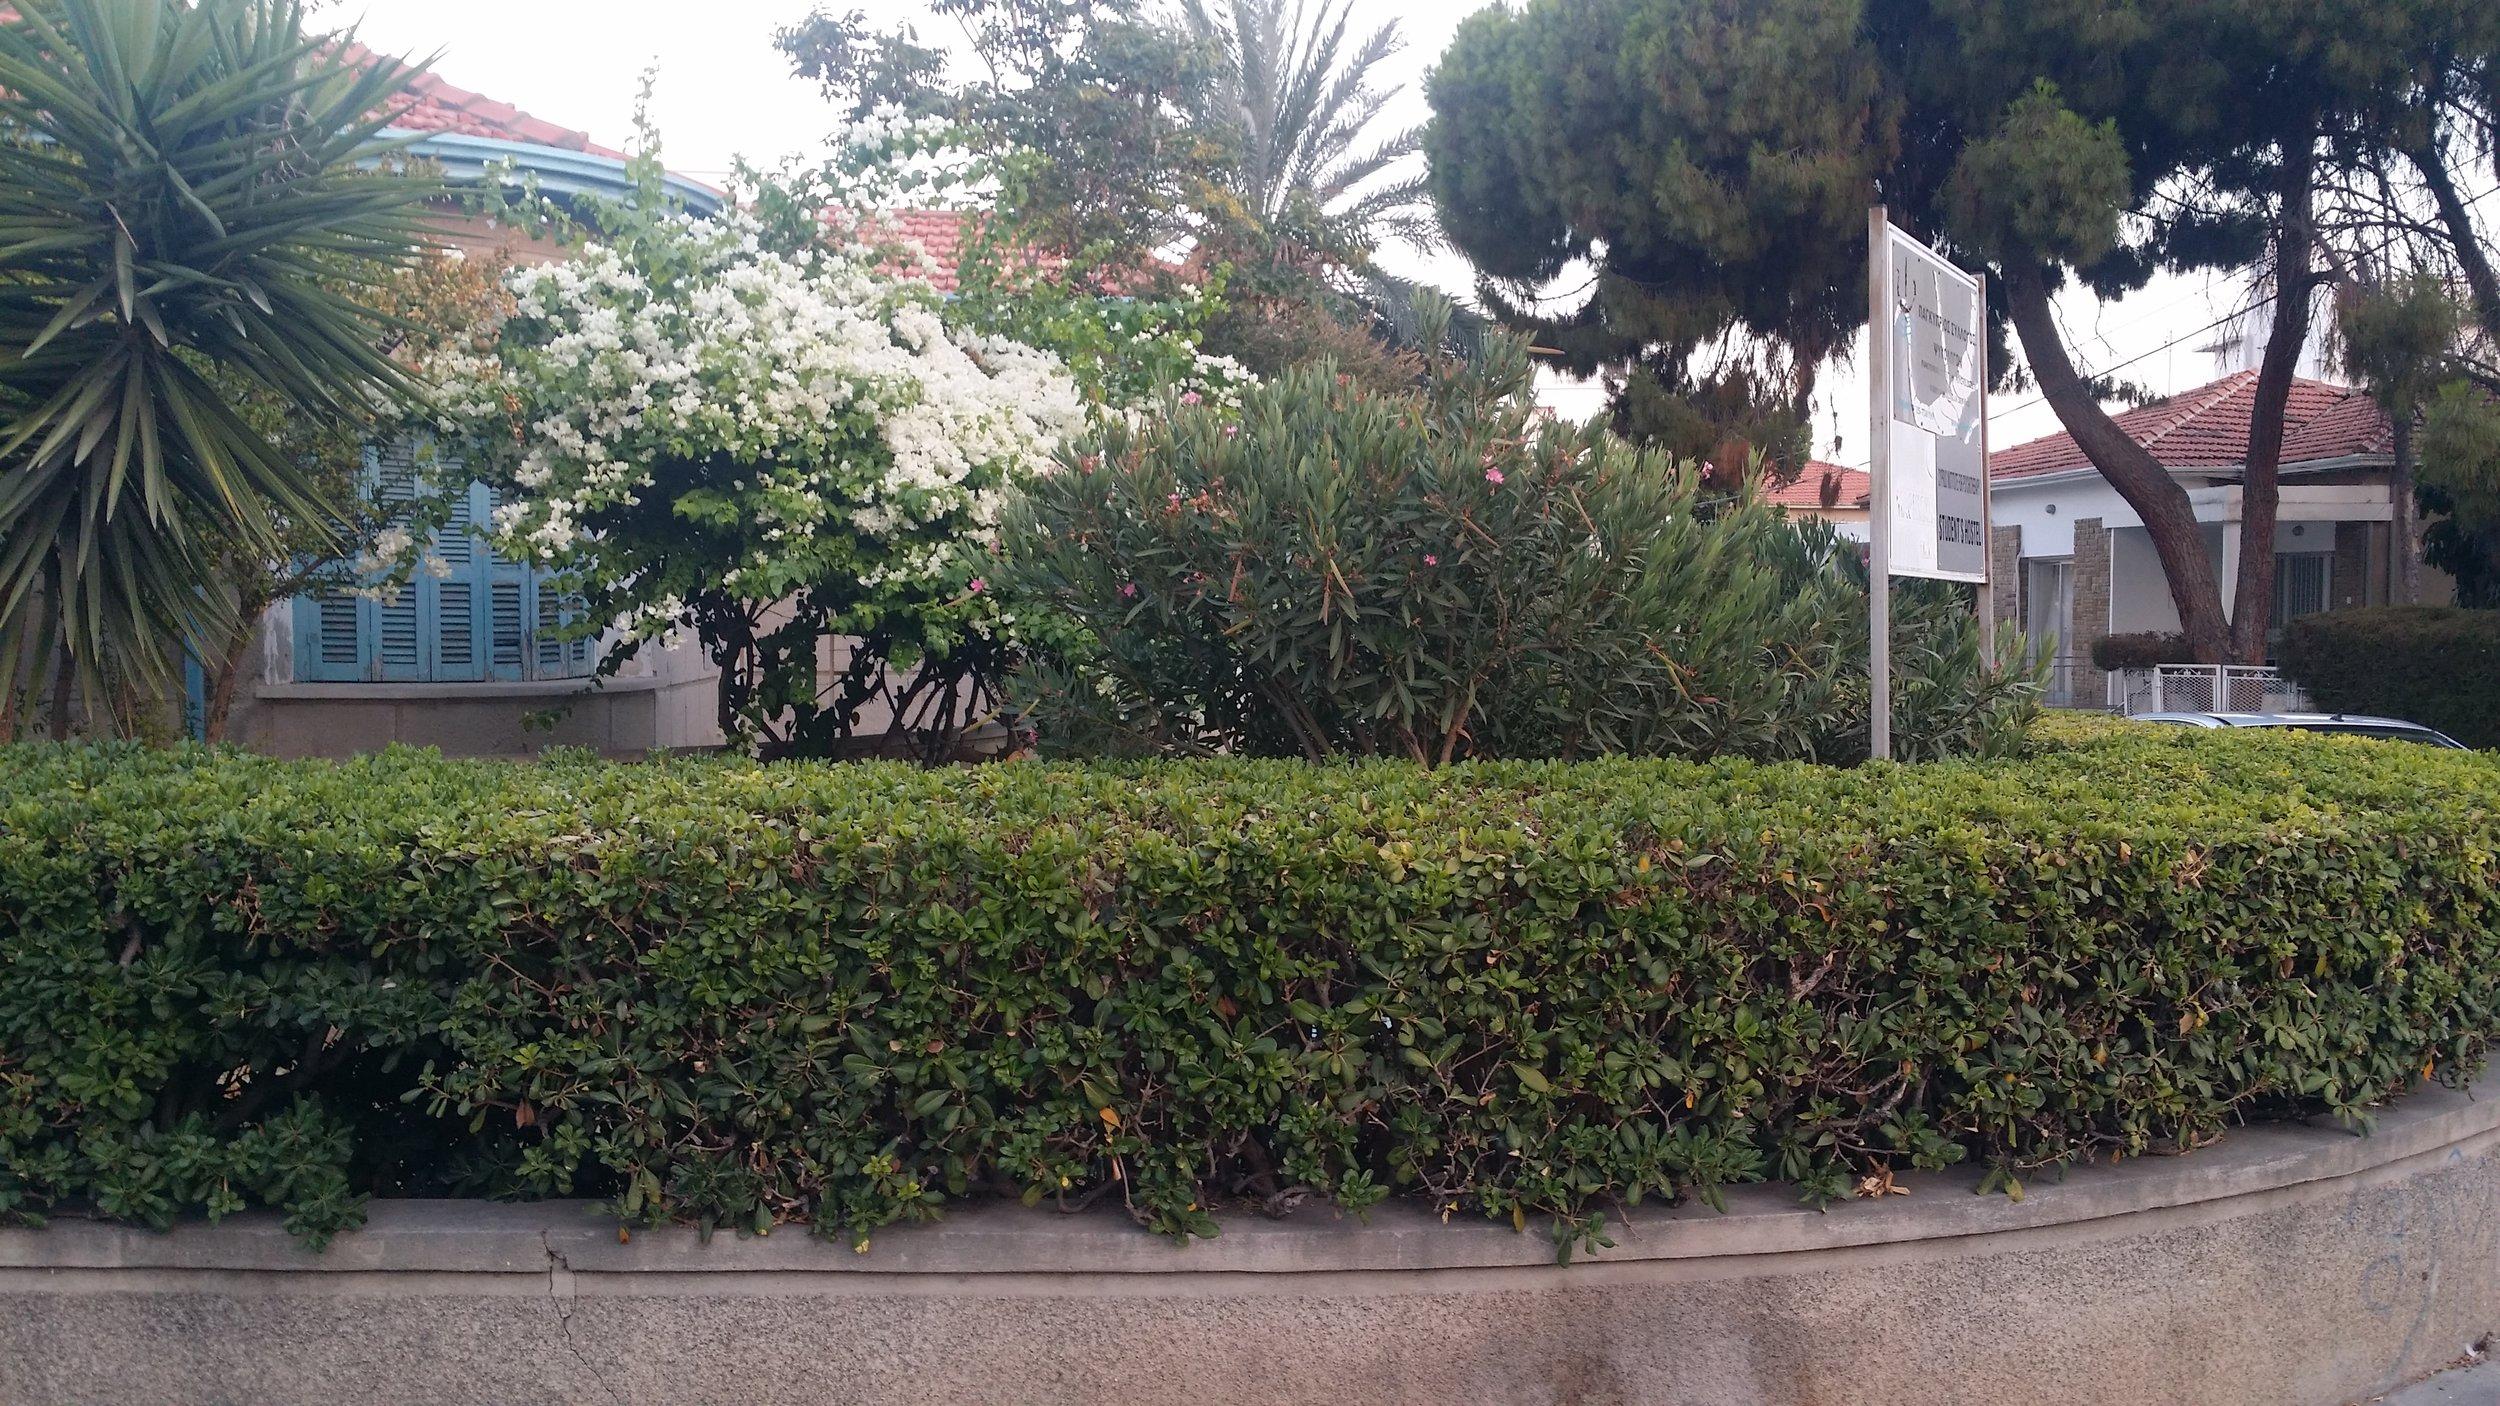 Ο ξενώνας φοιτητών του Κυπριακού Ινστιτούτου Ψυχοθεραπείας στο κέντρο της Λεμεσού. Διαθέτει 5 υπνοδωμάτια που μπορούν να φιλοξενήσουν μέχρι 12 άτομα.